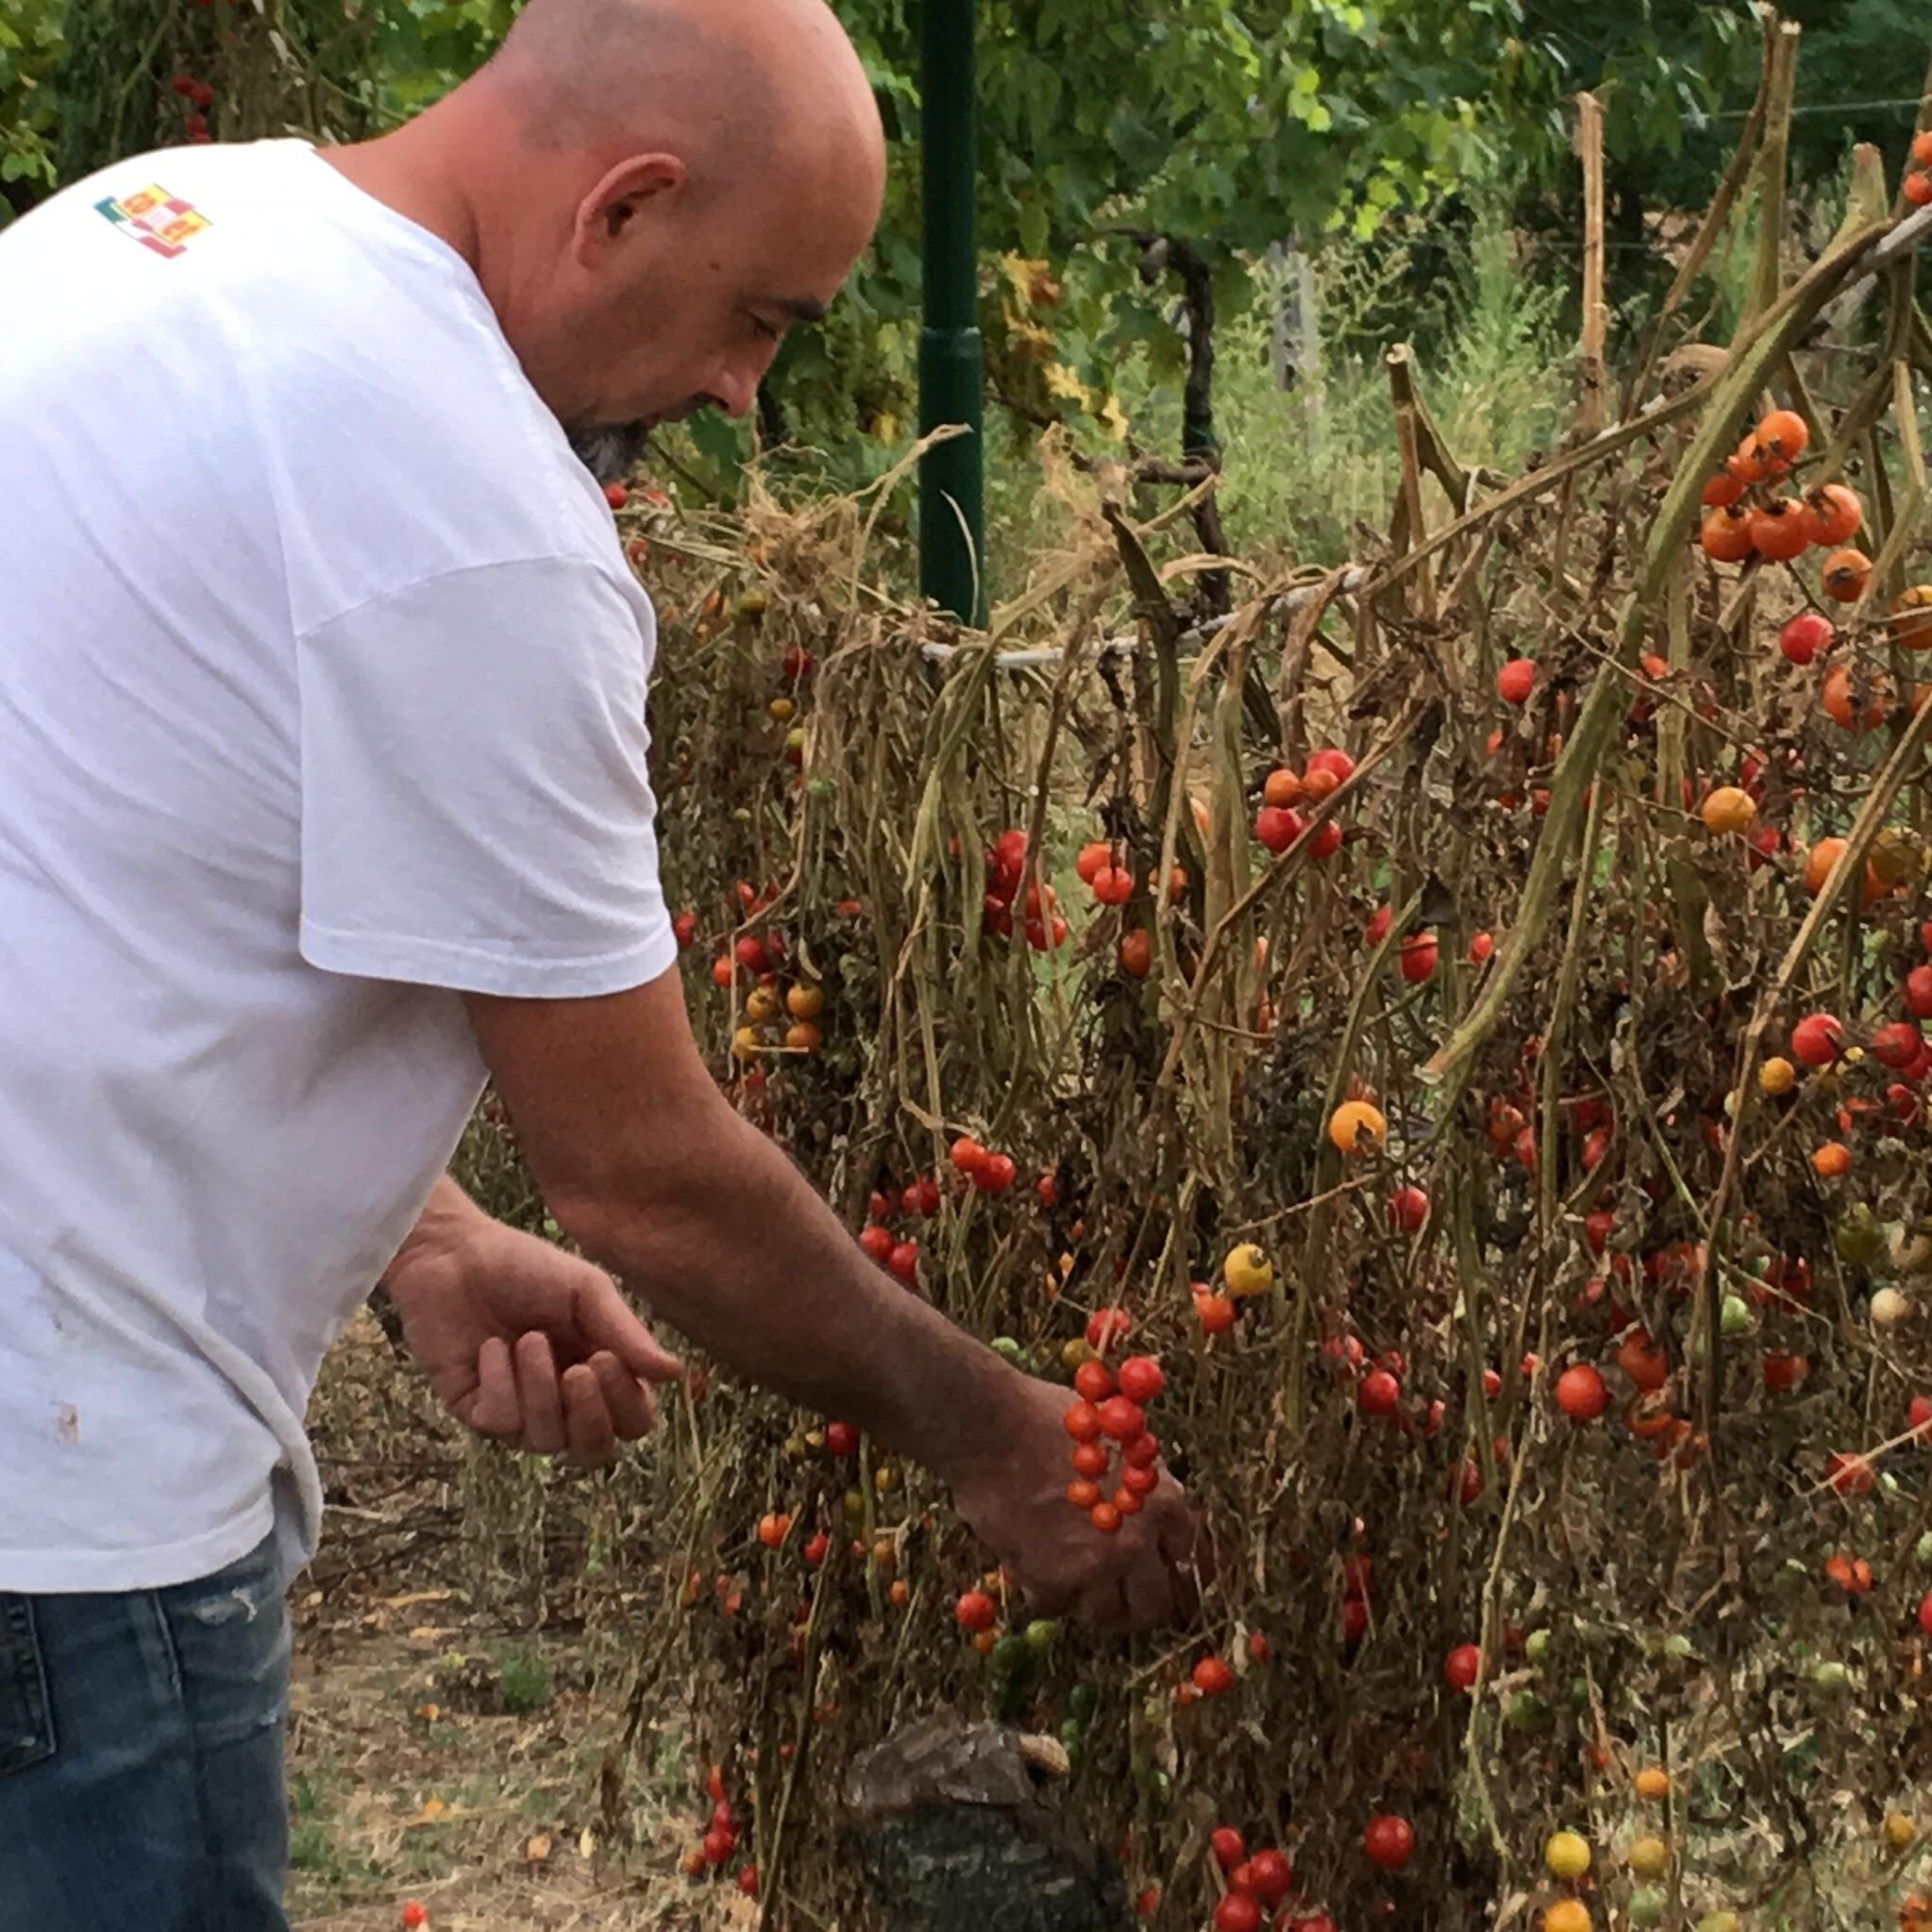 Luigi picking some cherry tomatoes.